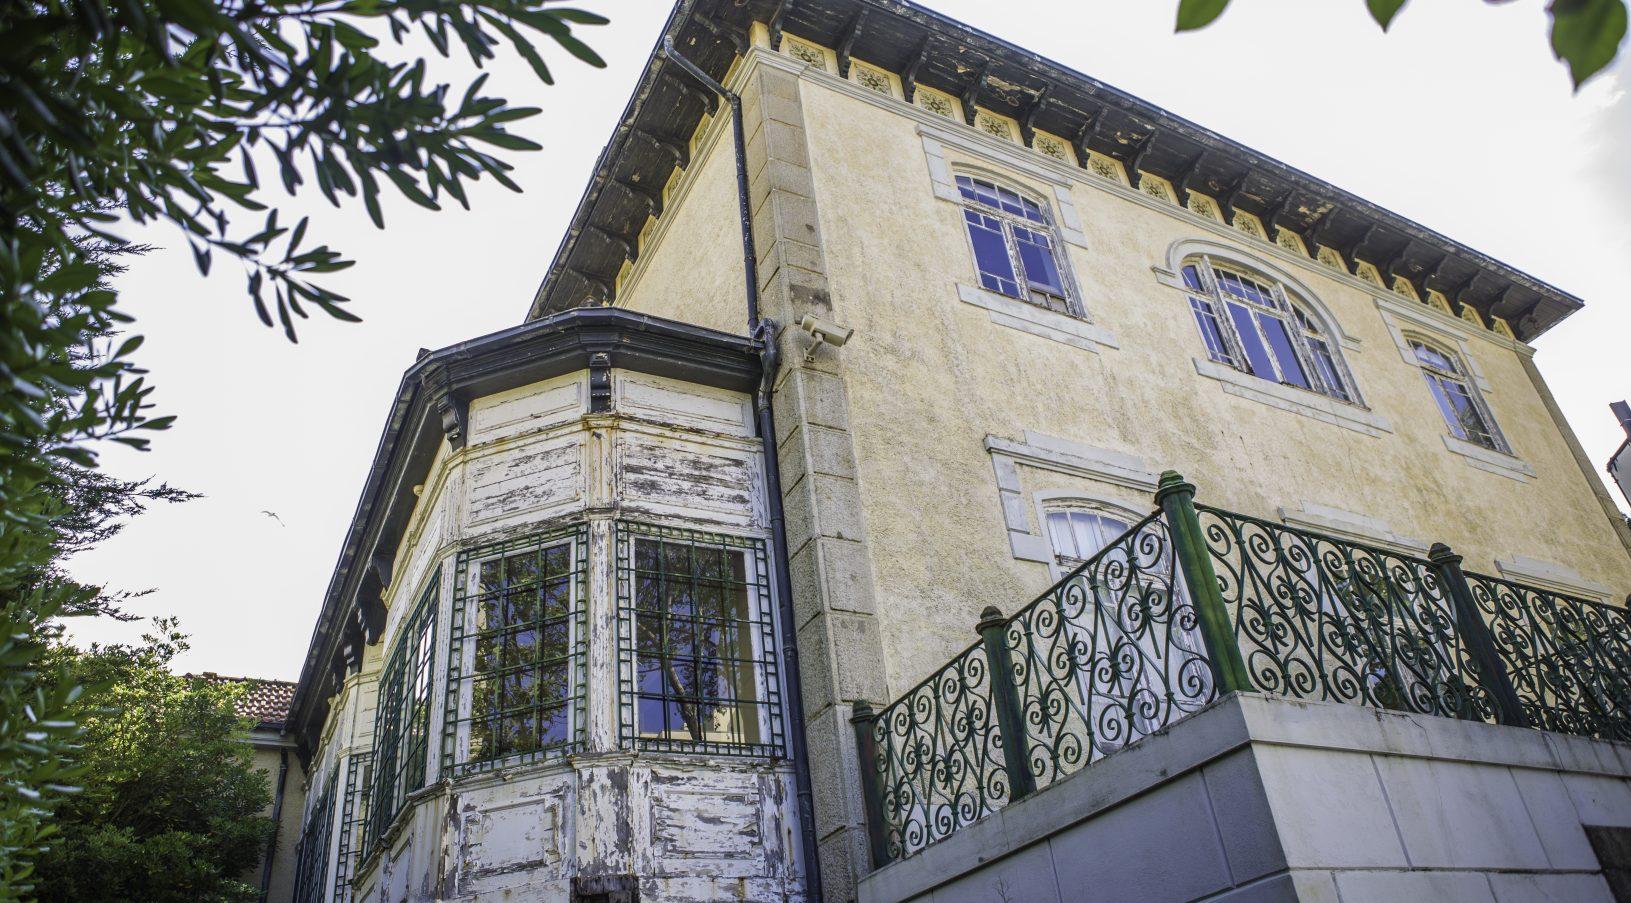 SALDANHA PALACE